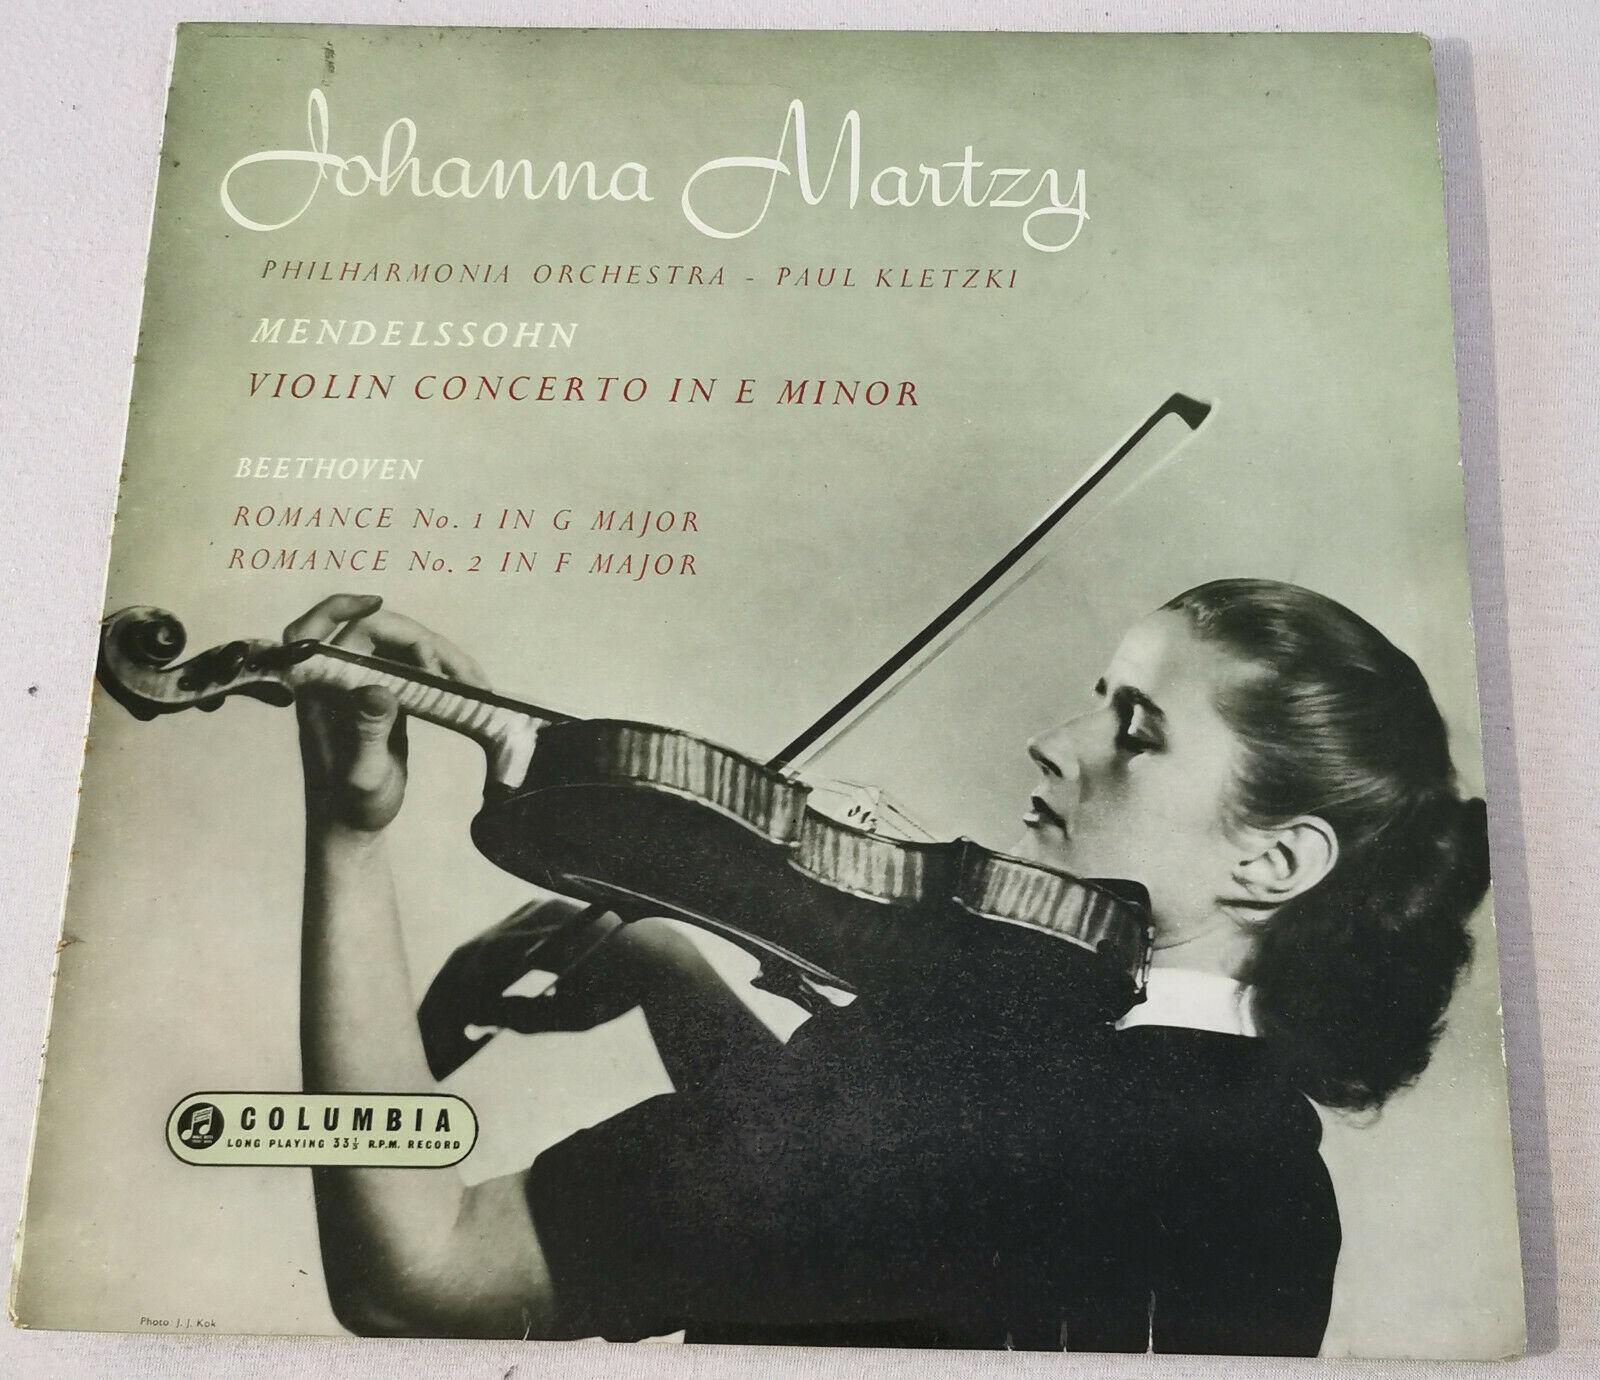 Johanna Martzy LP Mendelssohn Beethoven Violin Columbia 33CX 1497 UK 1955 ED1